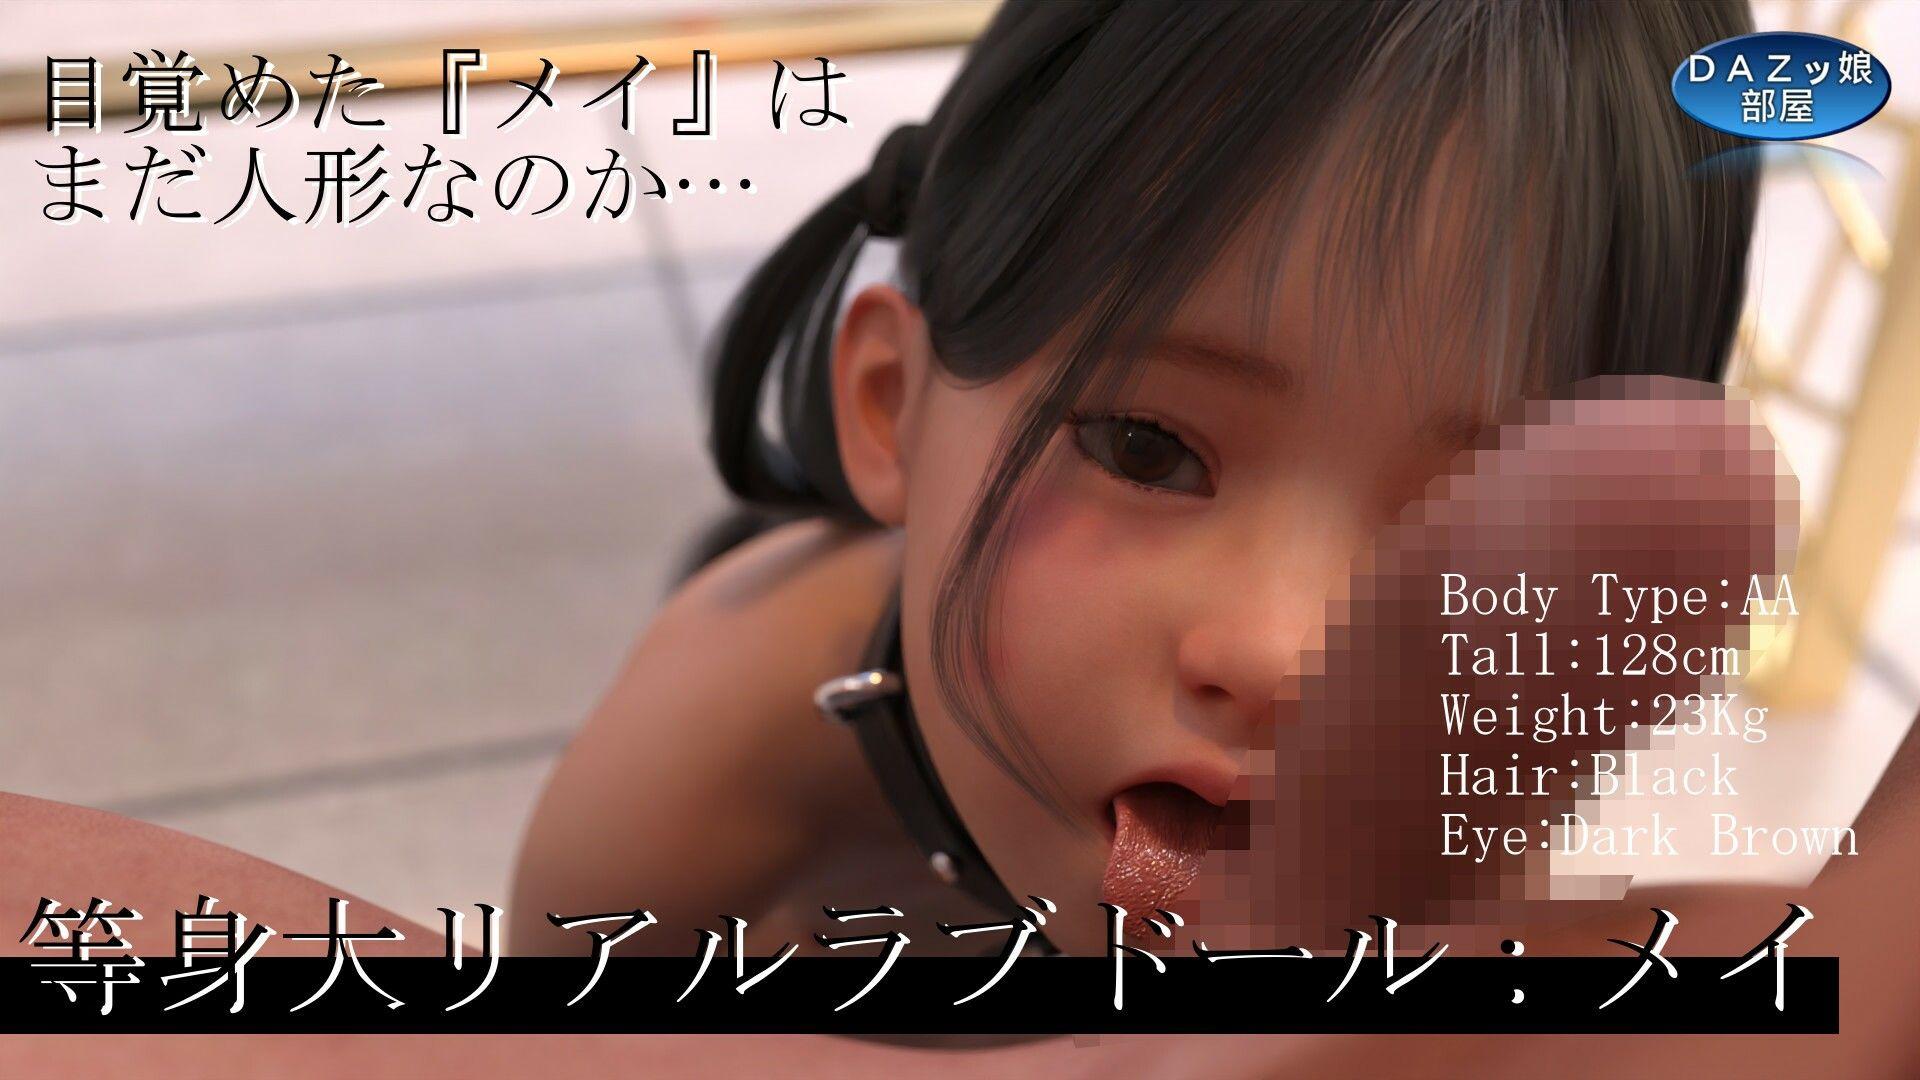 等身大リアルラブドールメイ Vol.36